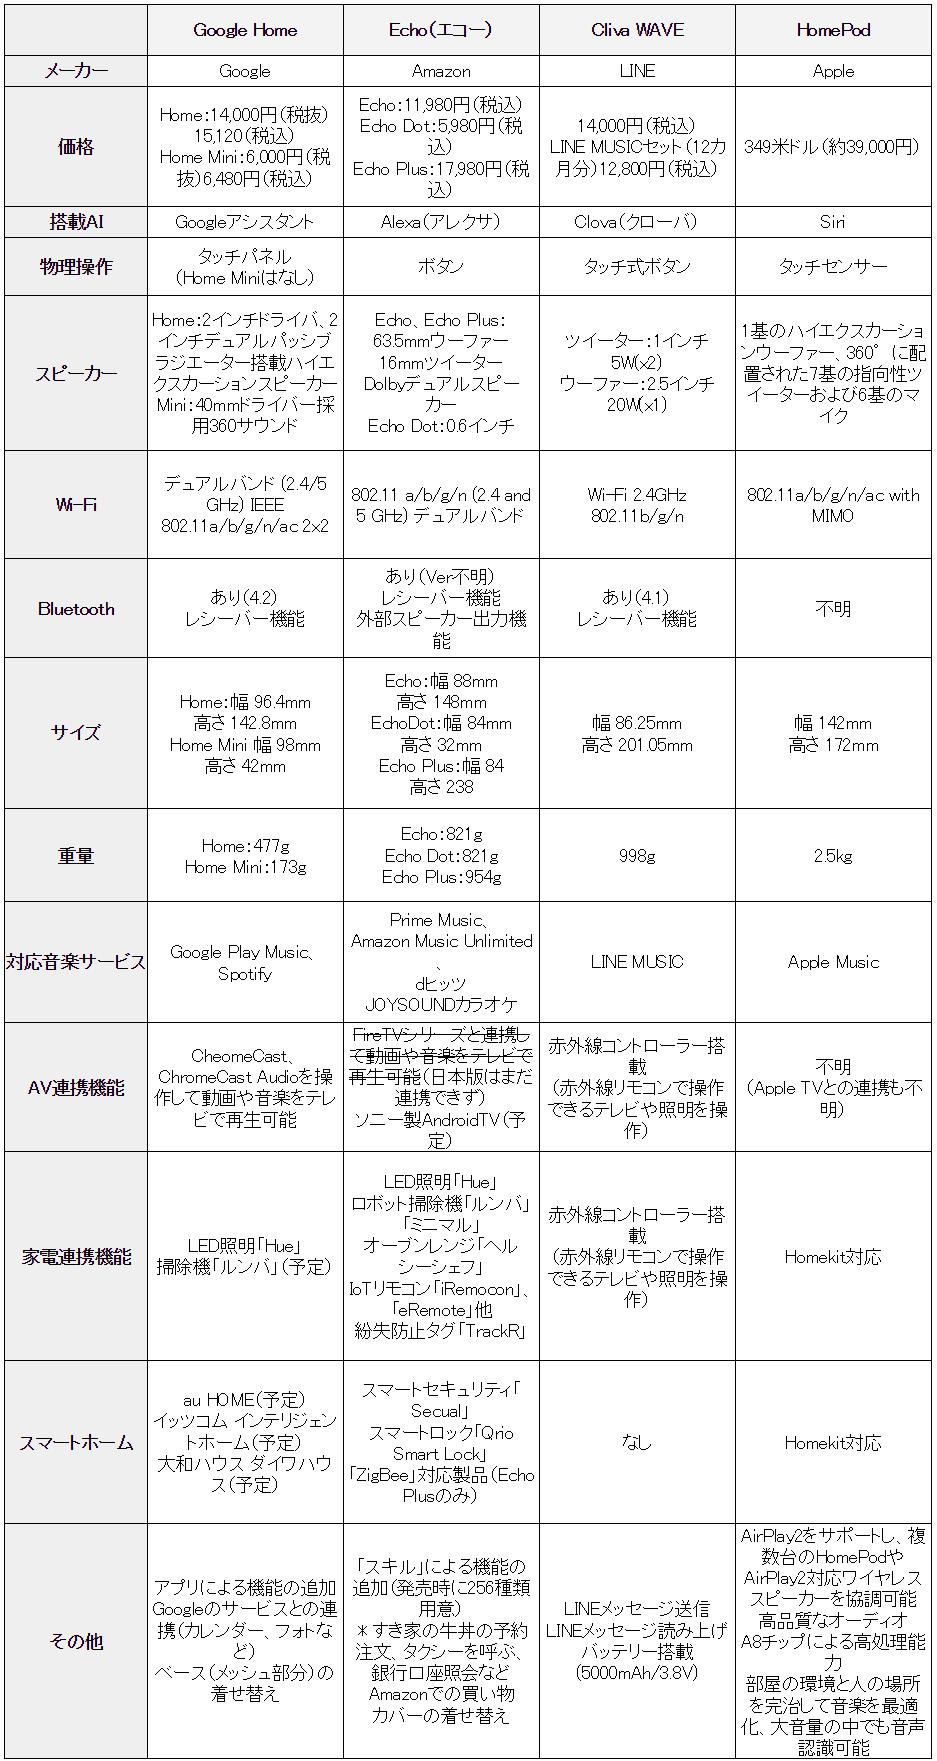 f:id:sora-no-color:20180126224006p:plain